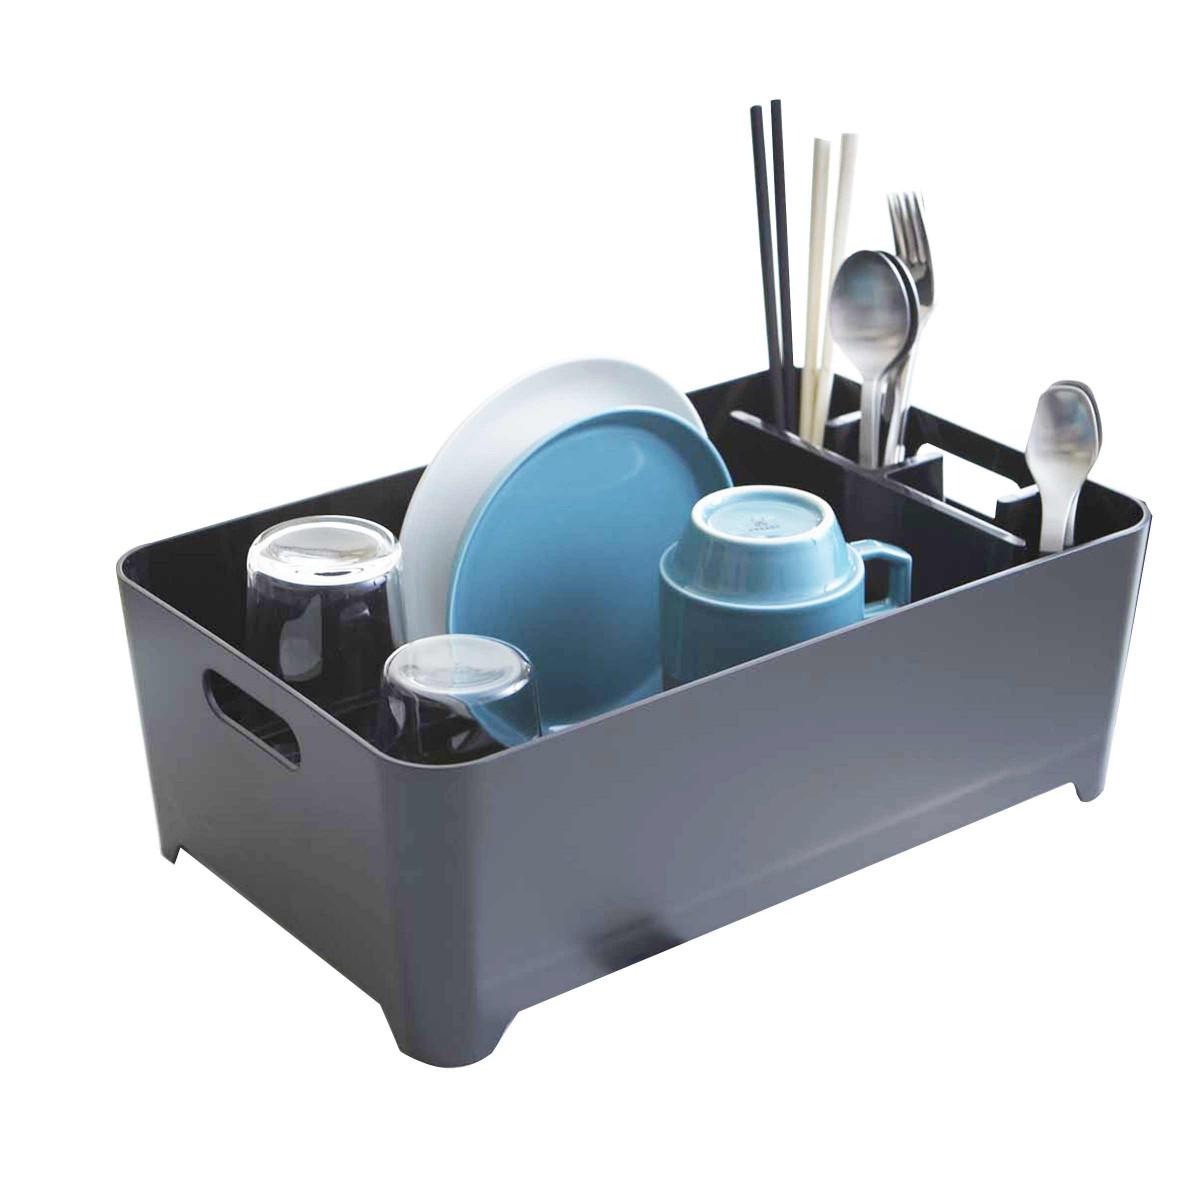 egouttoir design noir autour de l 39 vier rangement cuisine. Black Bedroom Furniture Sets. Home Design Ideas